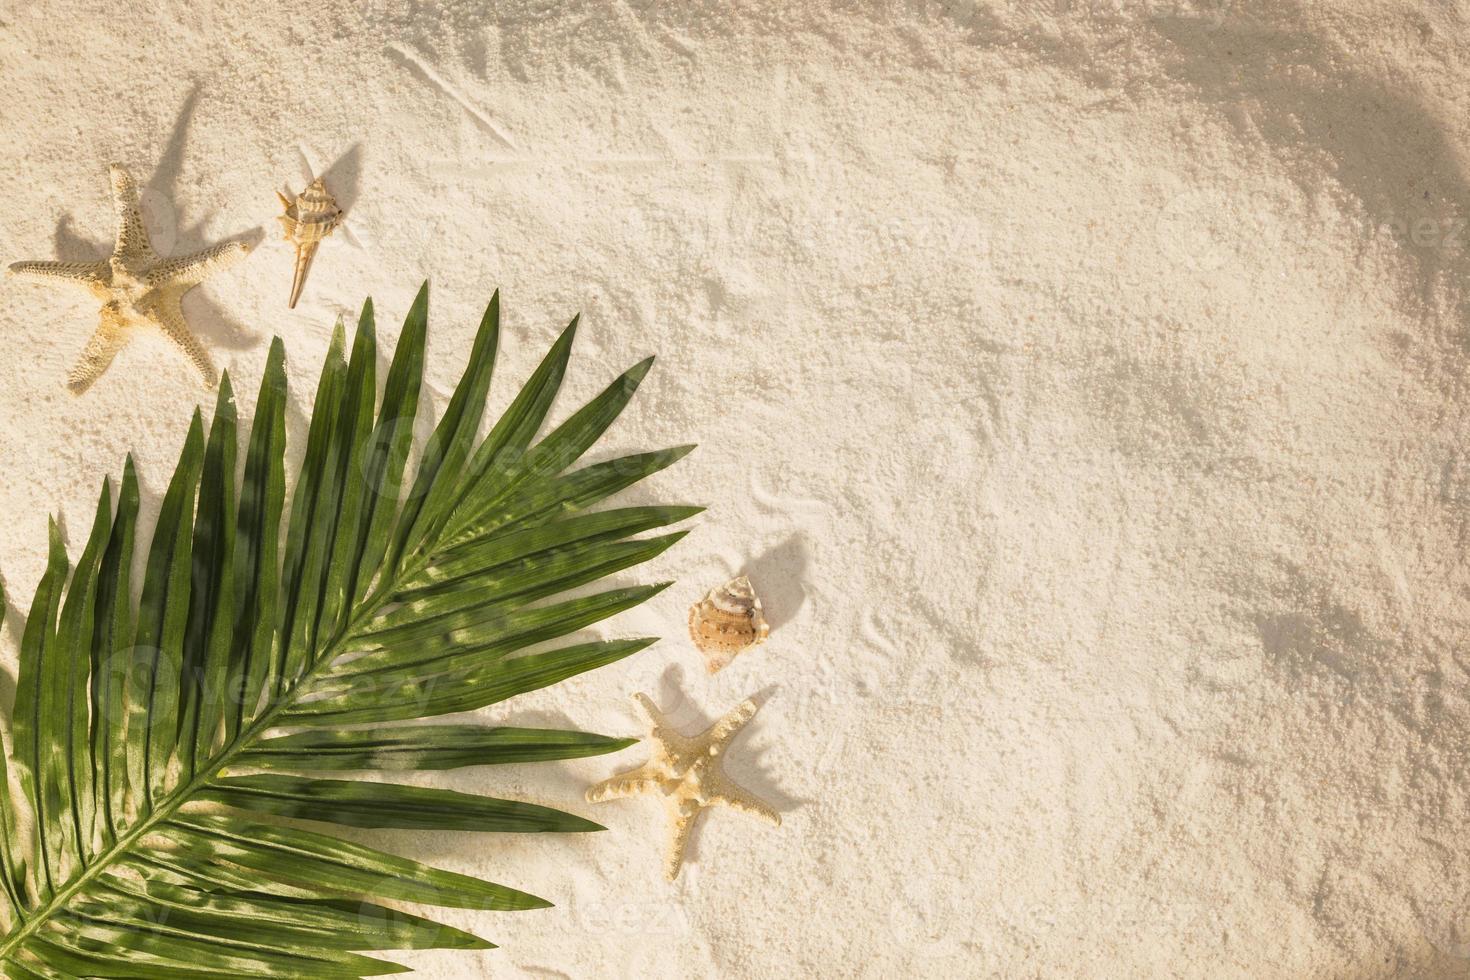 feuille de palmier sur le sable photo